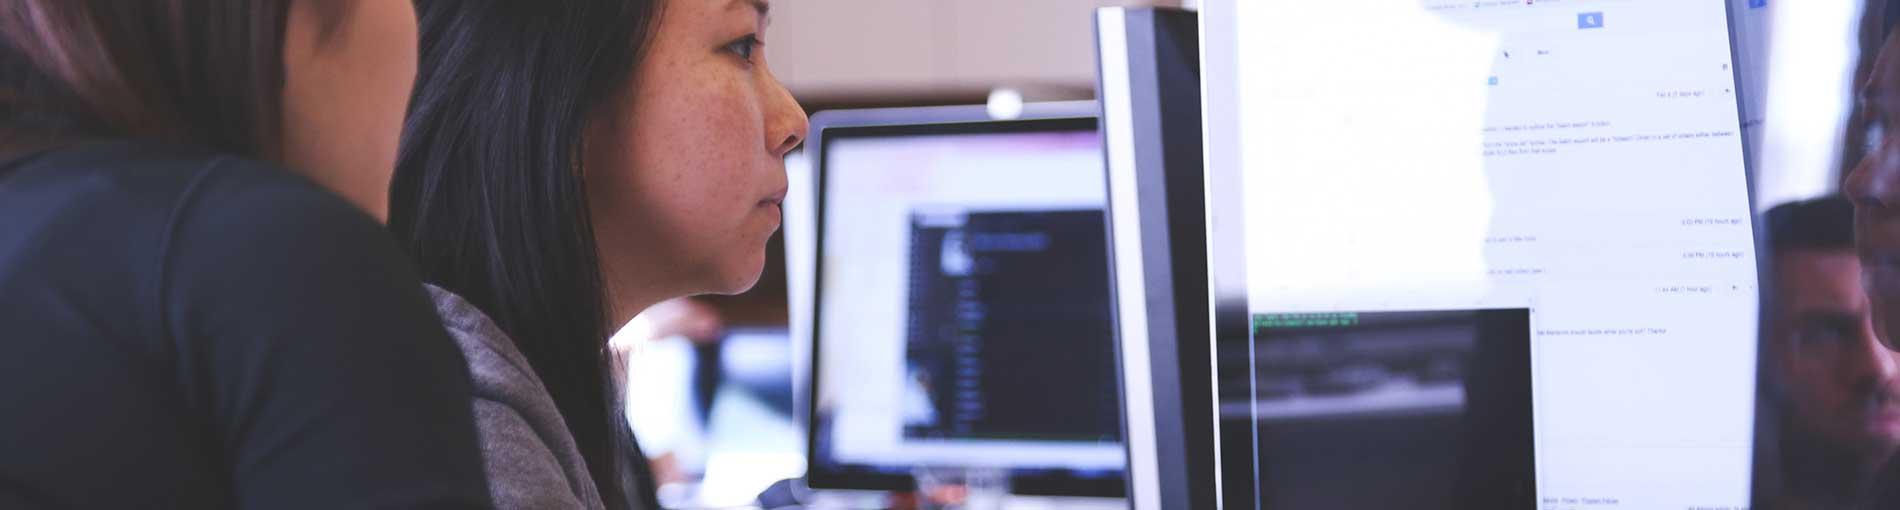 Qualitätssicherung und Software Testing Indien